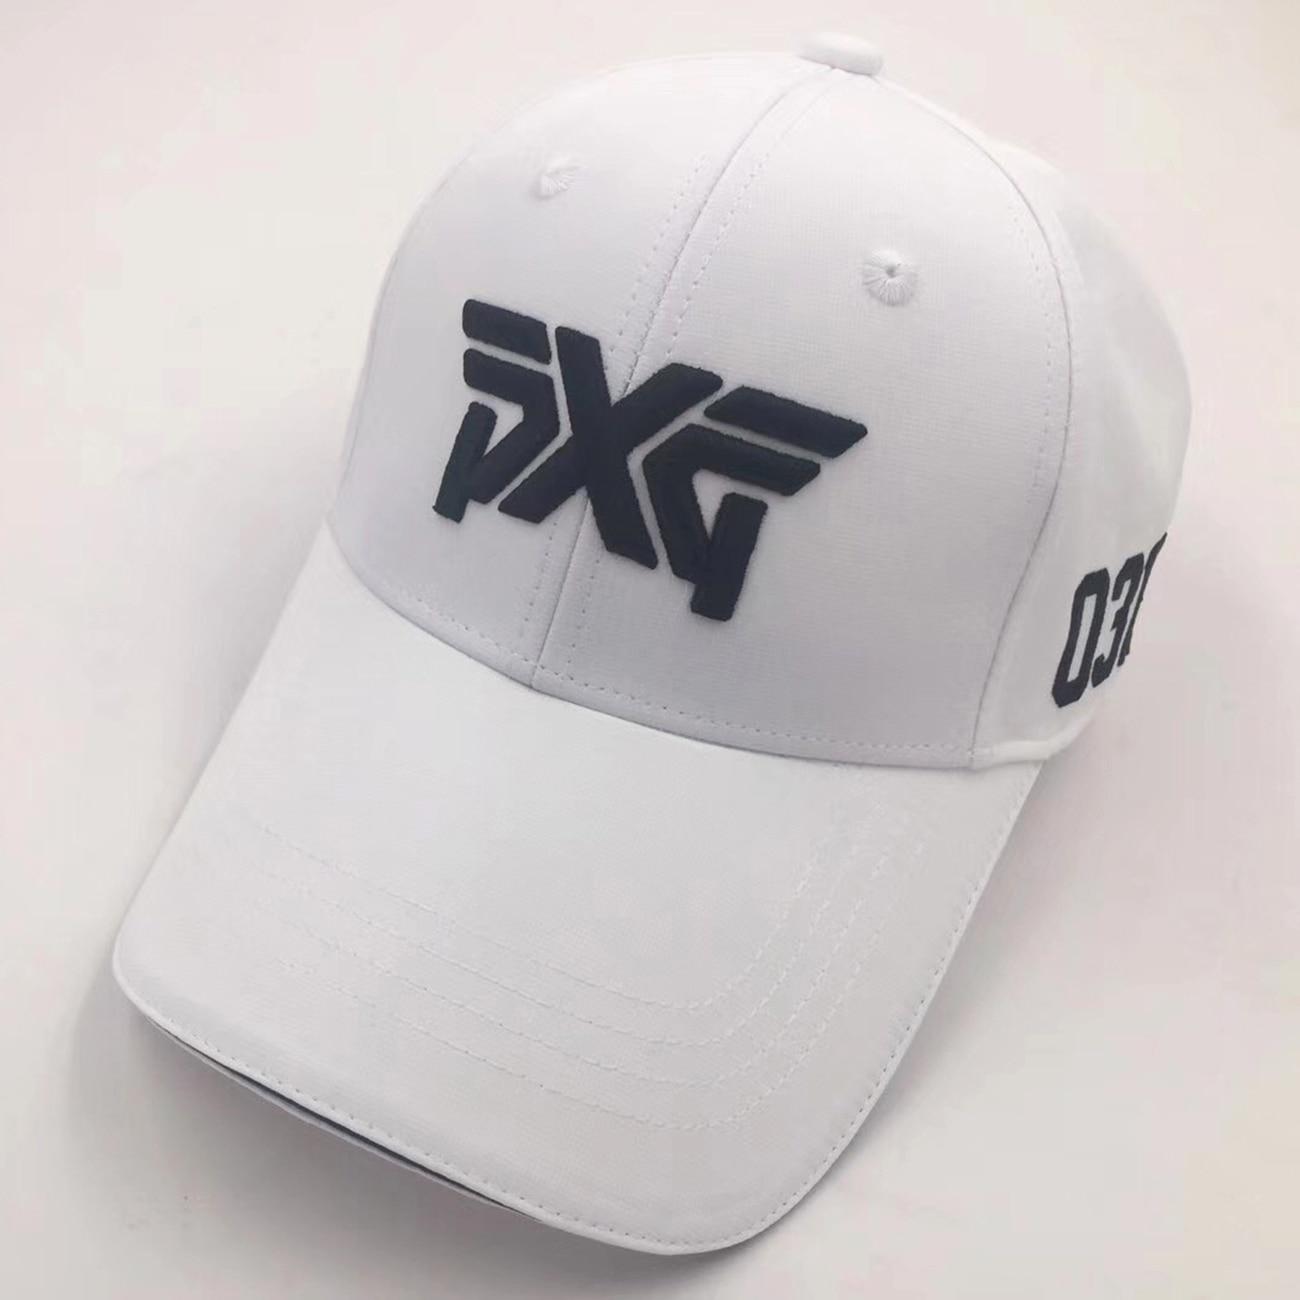 07549e6bf96 New Golf hat PXG golf cap Baseball cap Outdoor hat new sunscreen shade  sport golf hat Men Free shipping